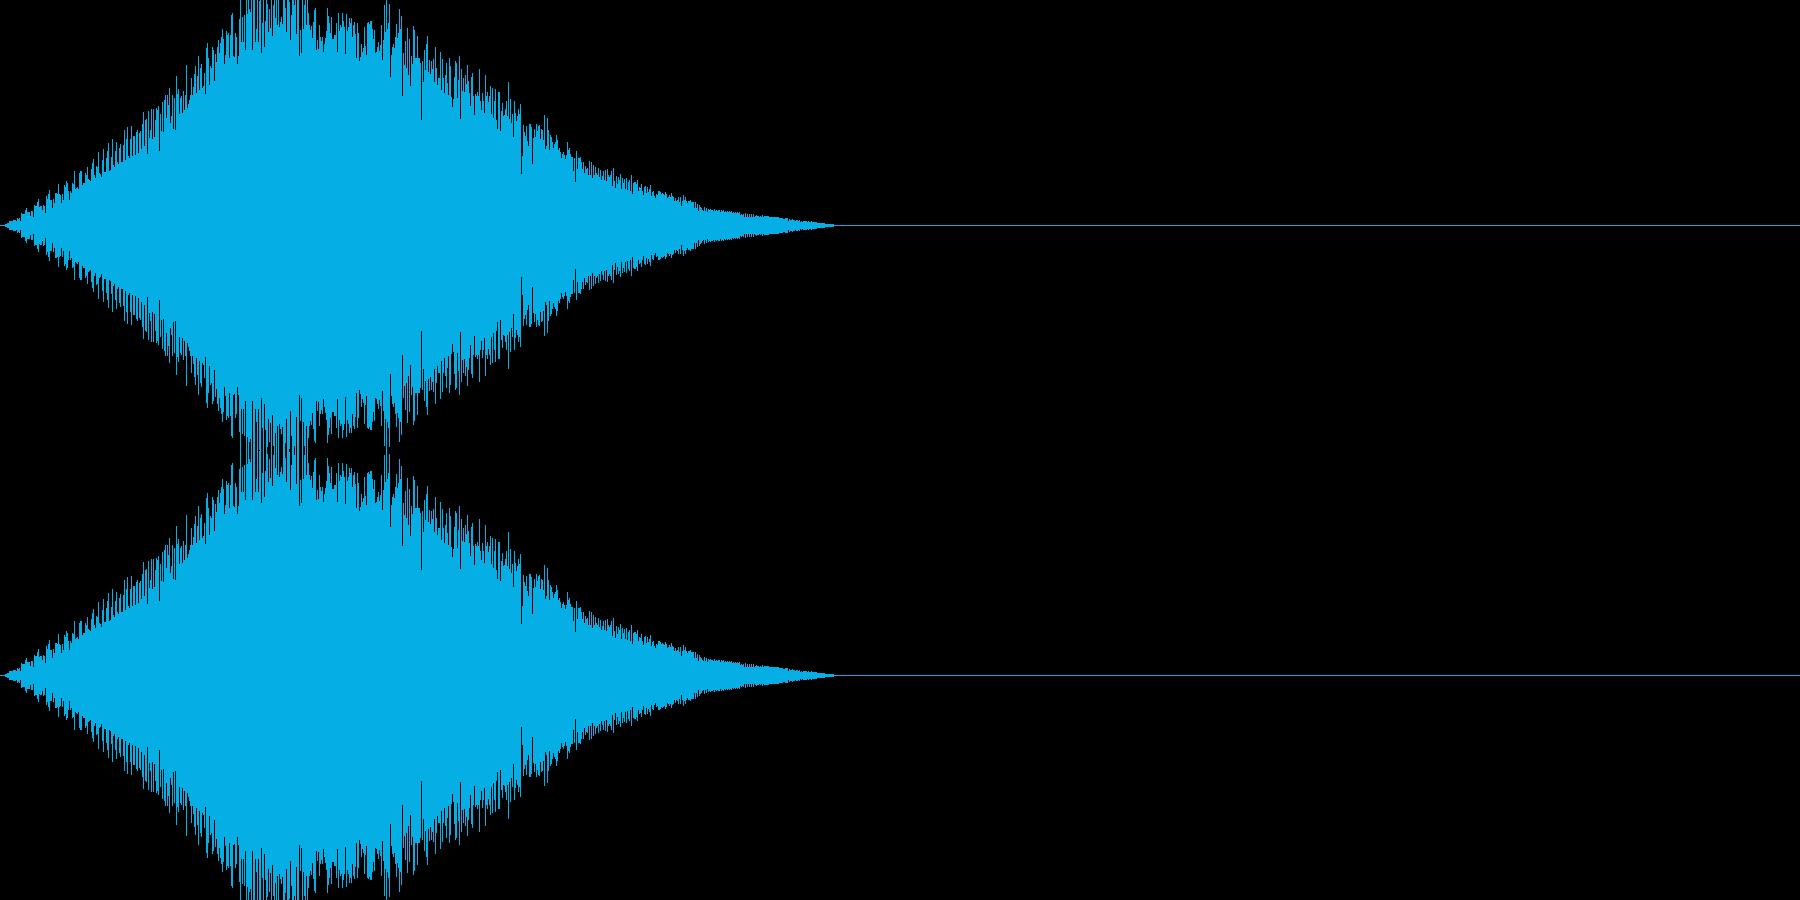 レトロゲーム風・スタート#4の再生済みの波形